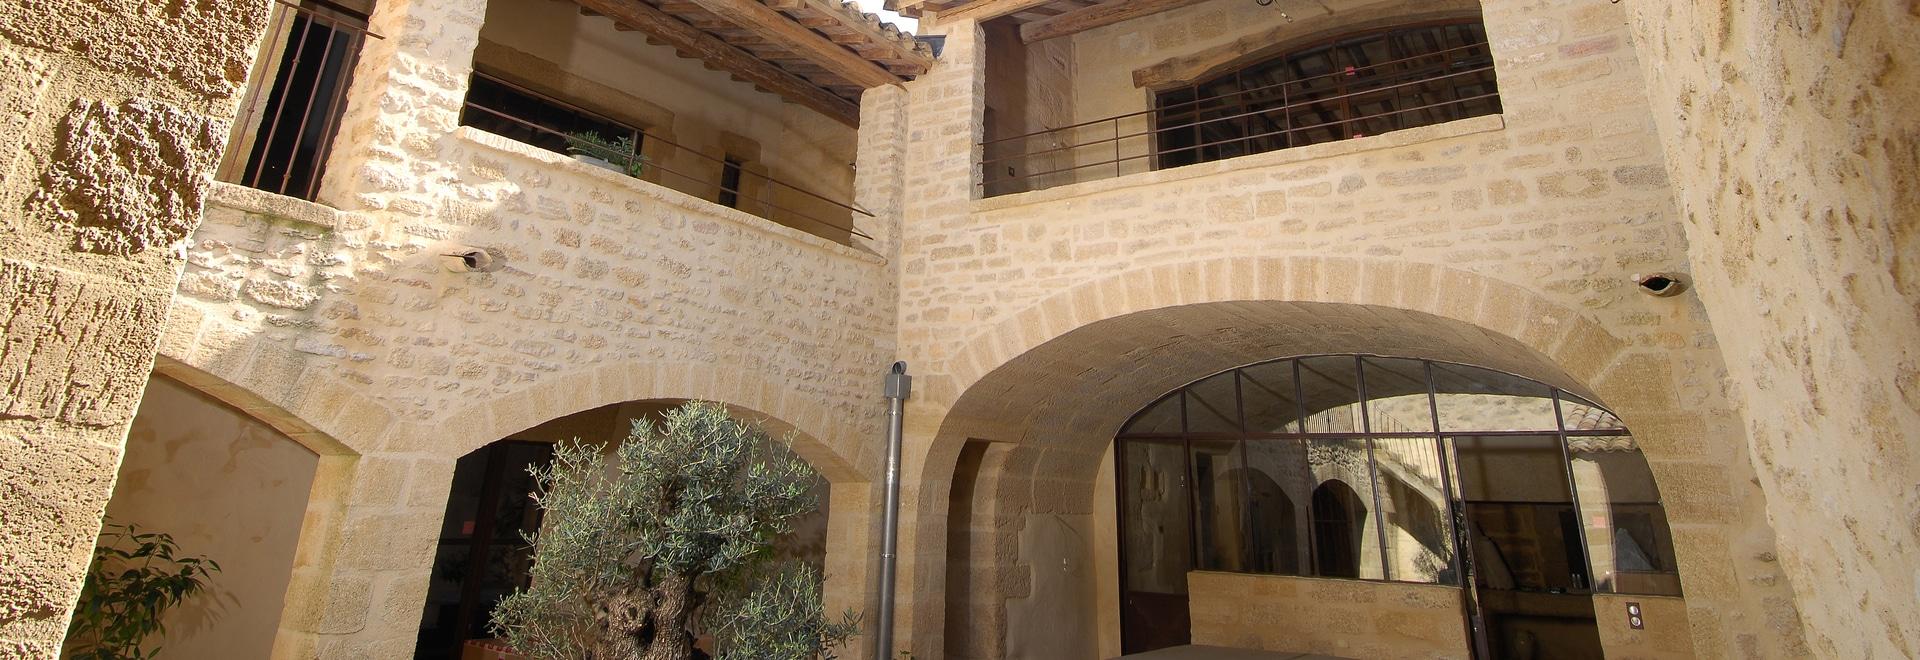 Vue générale des murs extérieurs